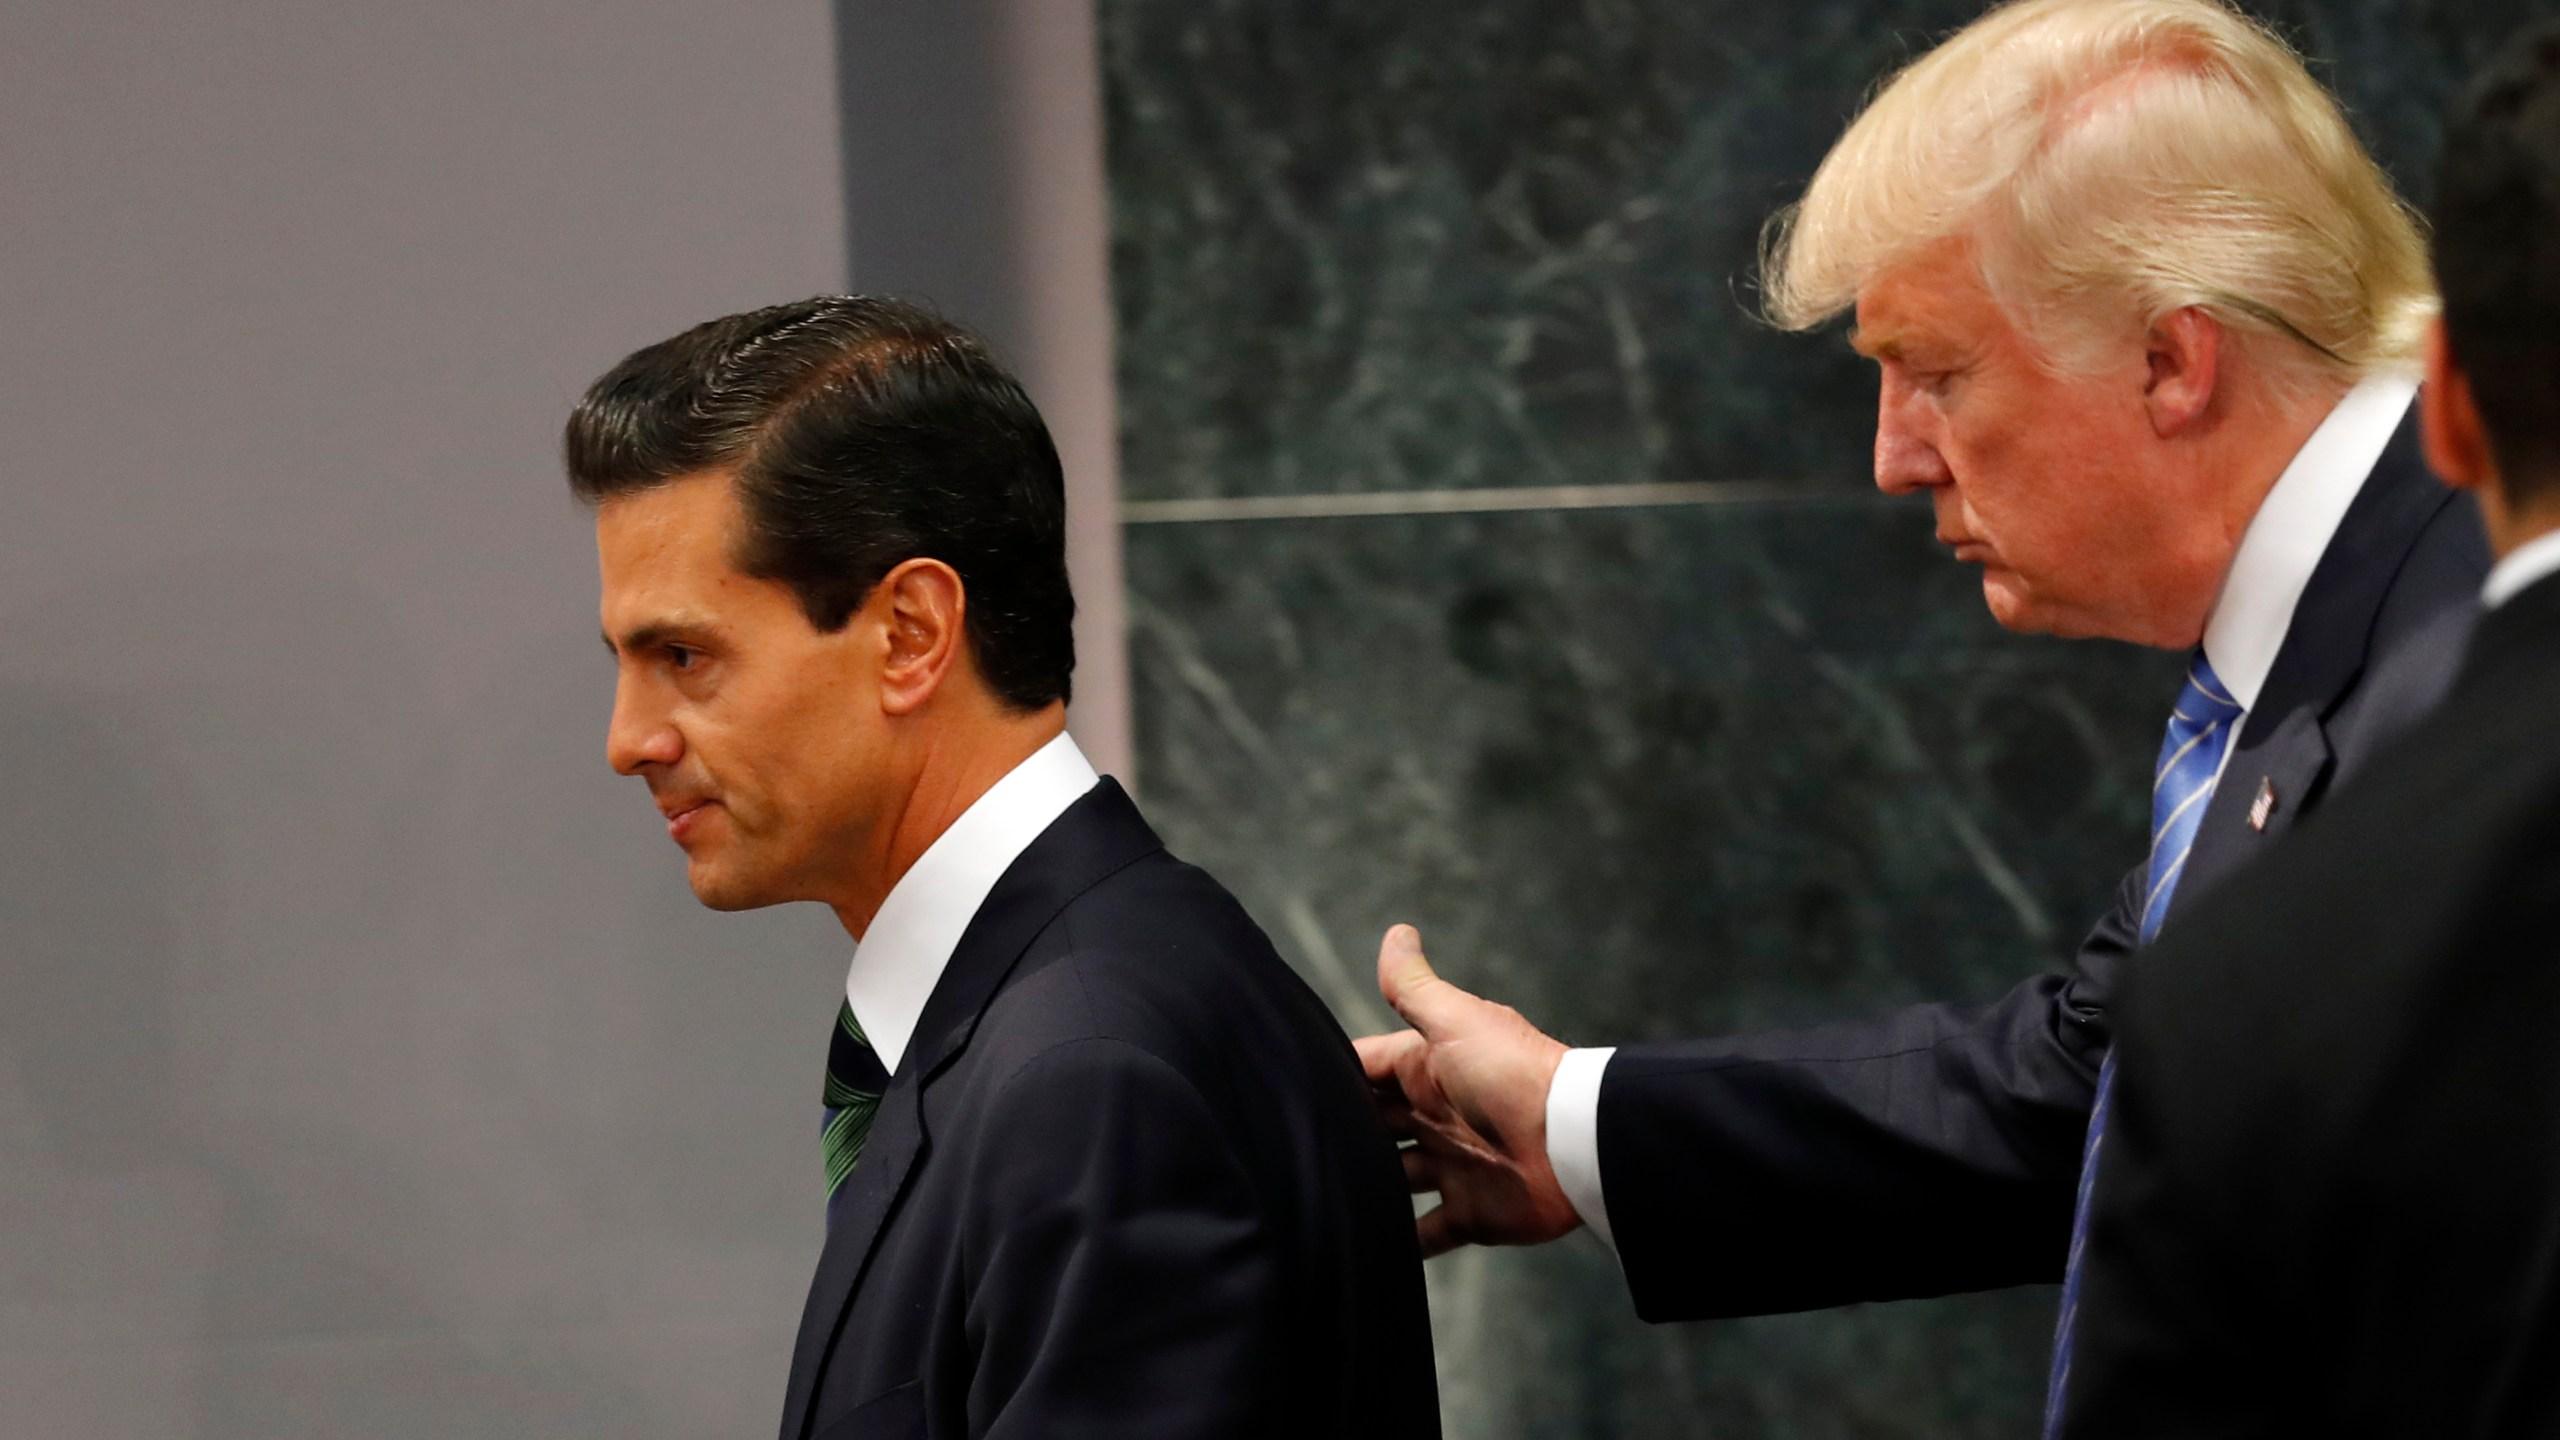 Donald Trump, Enrique Pena Nieto_204060